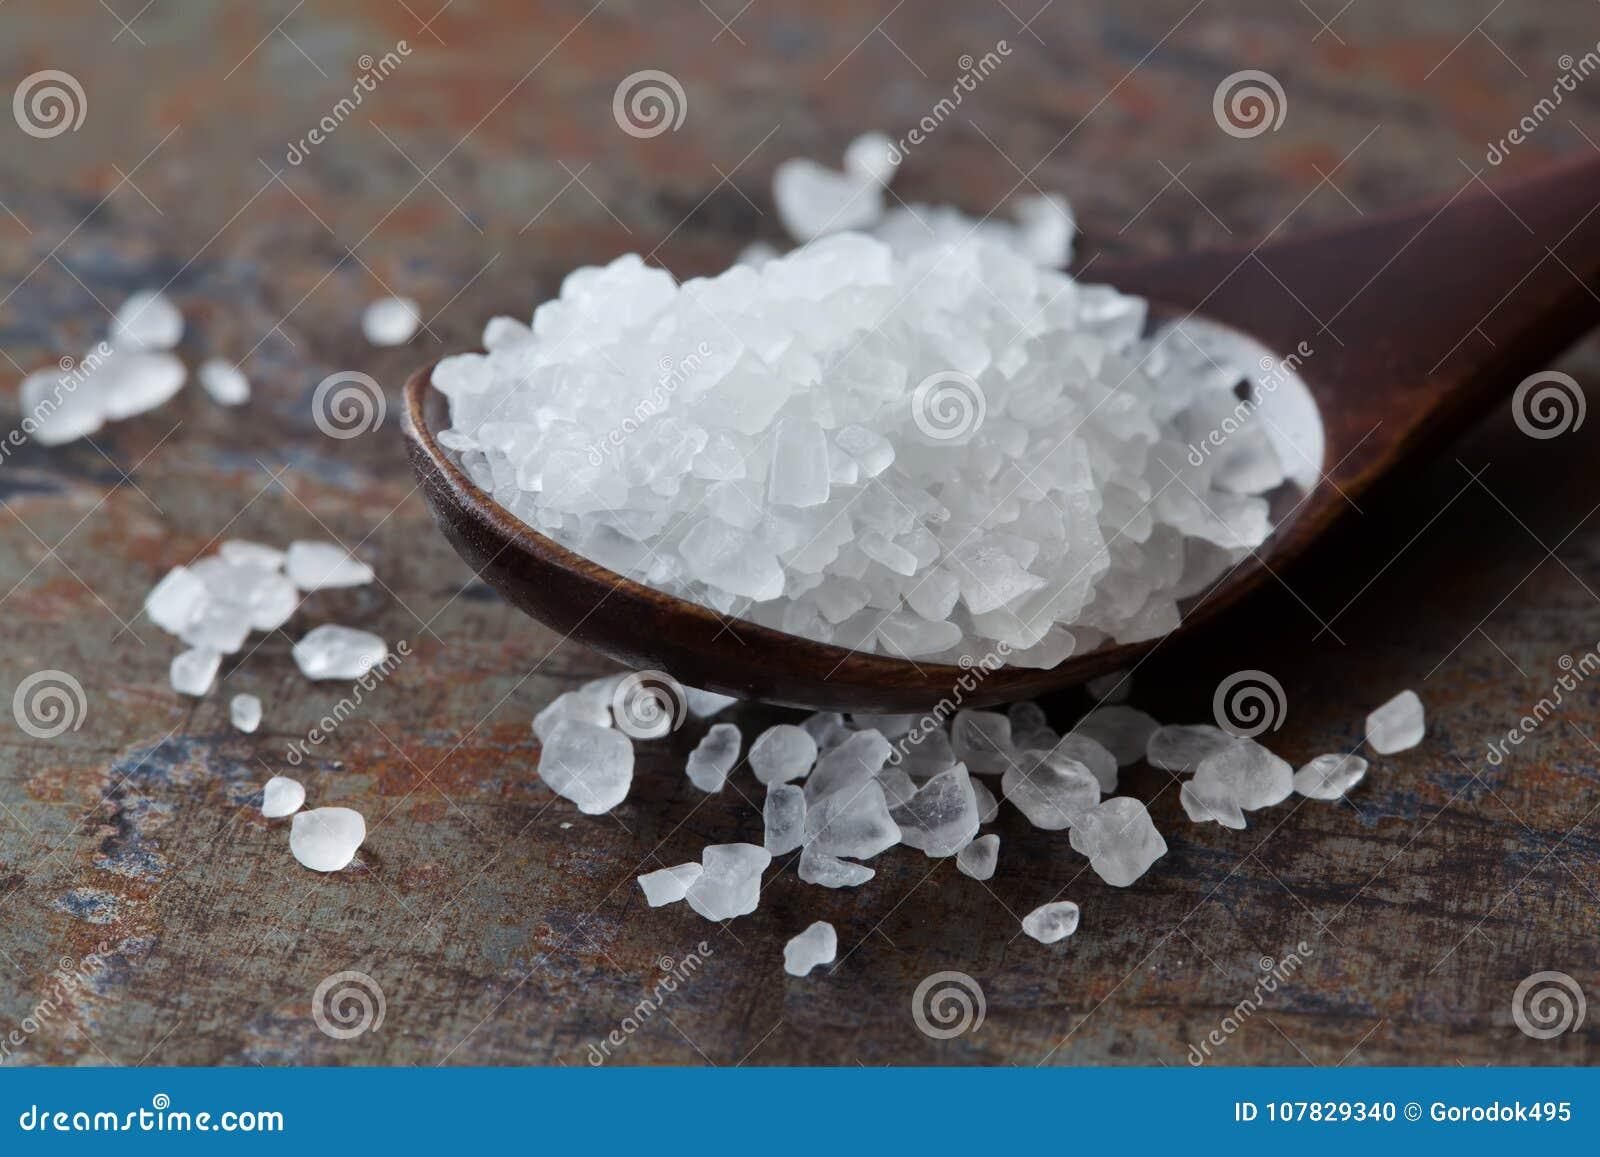 海盐调味品宏指令视图 自然矿物调味料食品防腐剂,盐氯化钠白色水晶